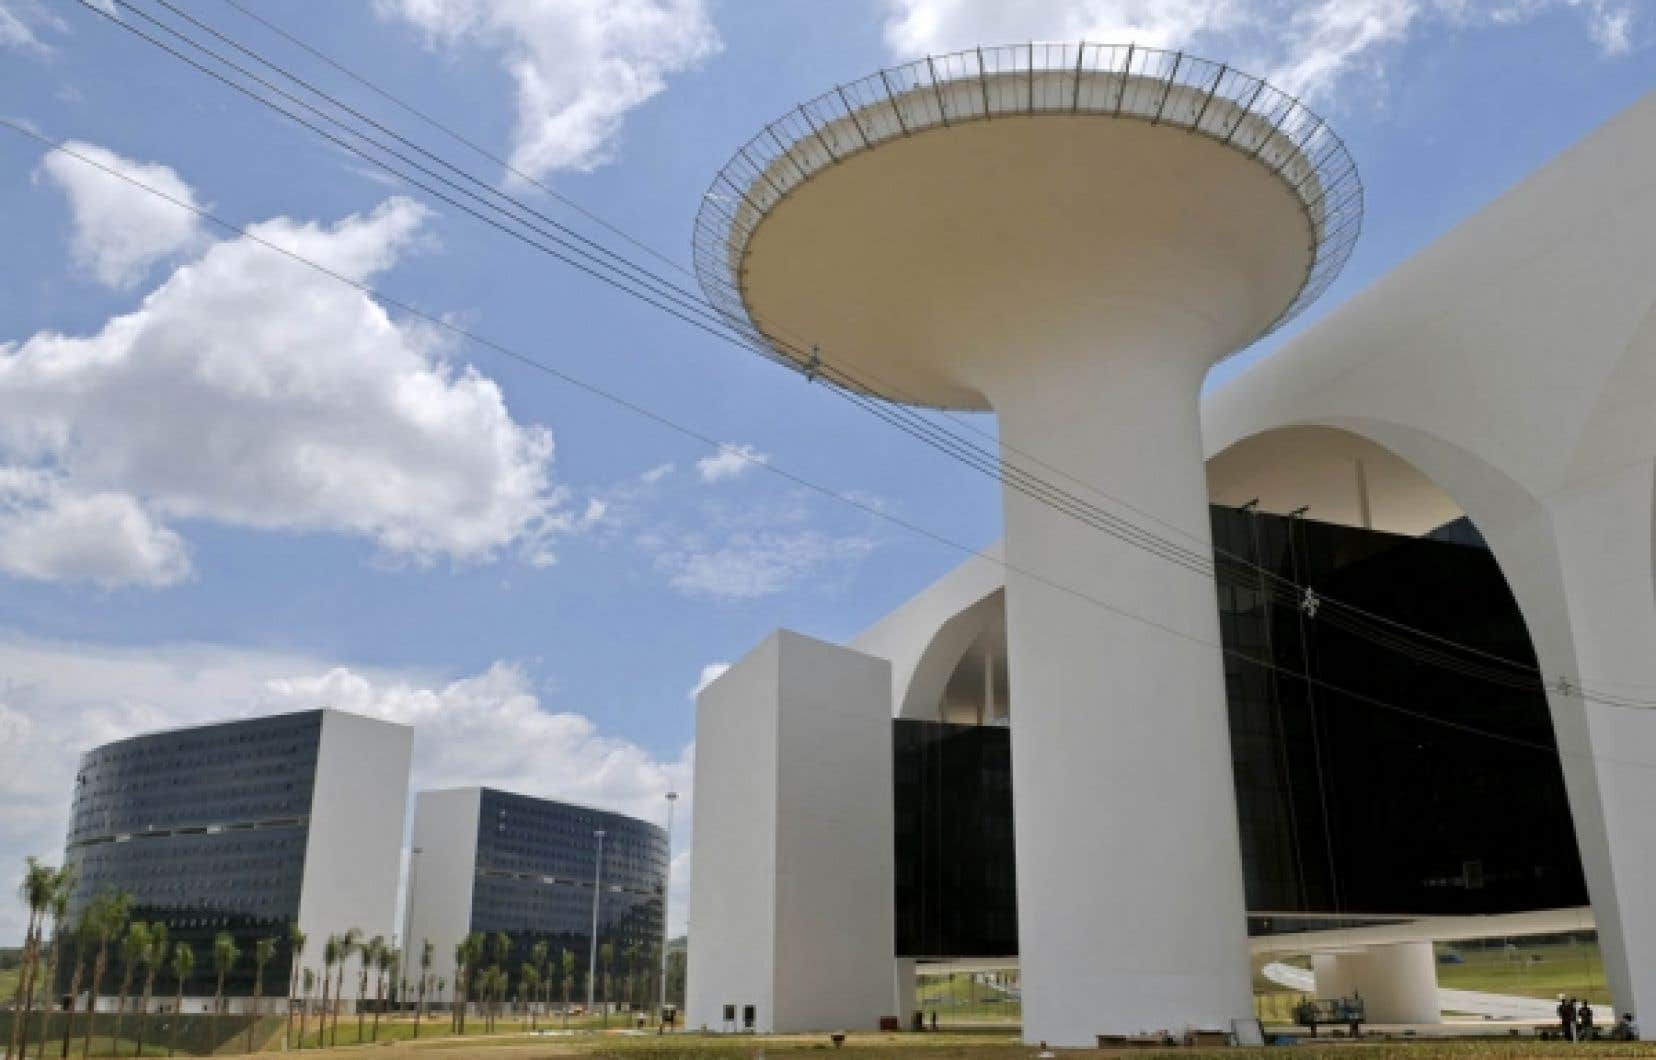 Belo Horizonte, au Brésil: complexe administratif conçu par le grand architecte brésilien Oscar Niemeyer<br />